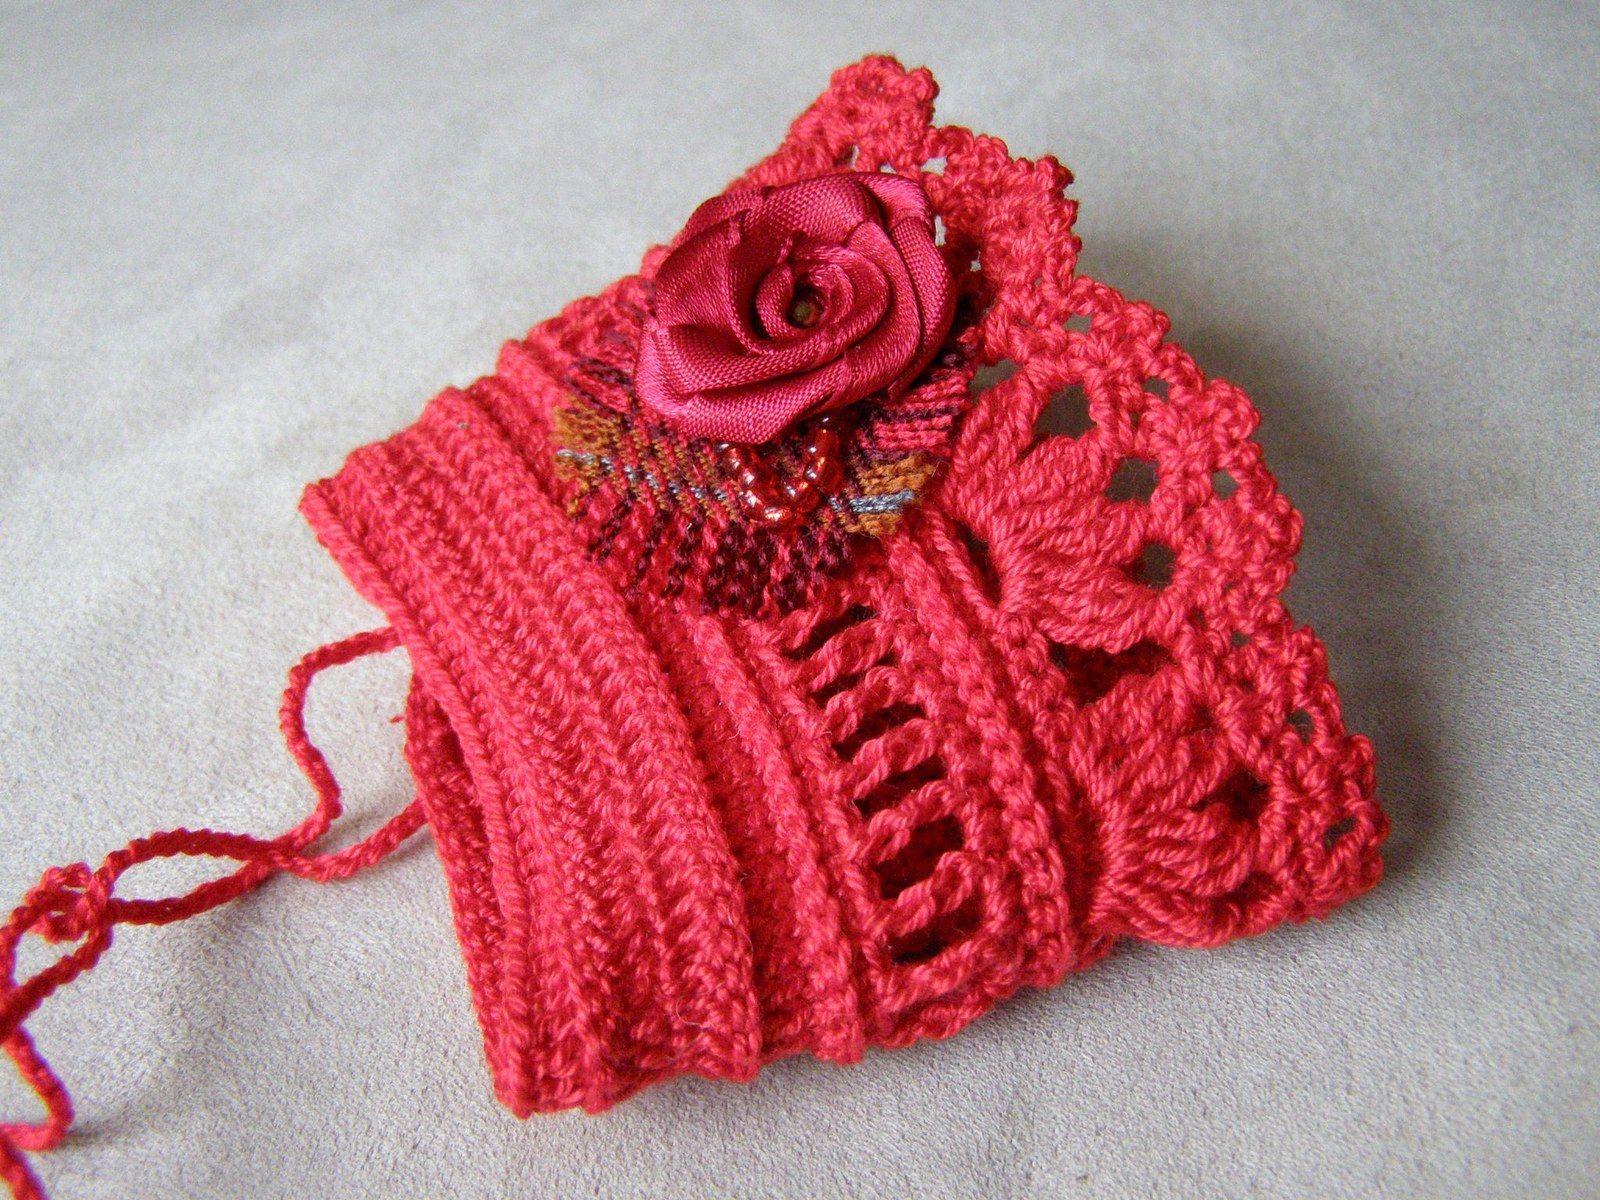 crochet cuff bracelet | J19 Stulpen gehäkelt,gestrickt u.genäht ...